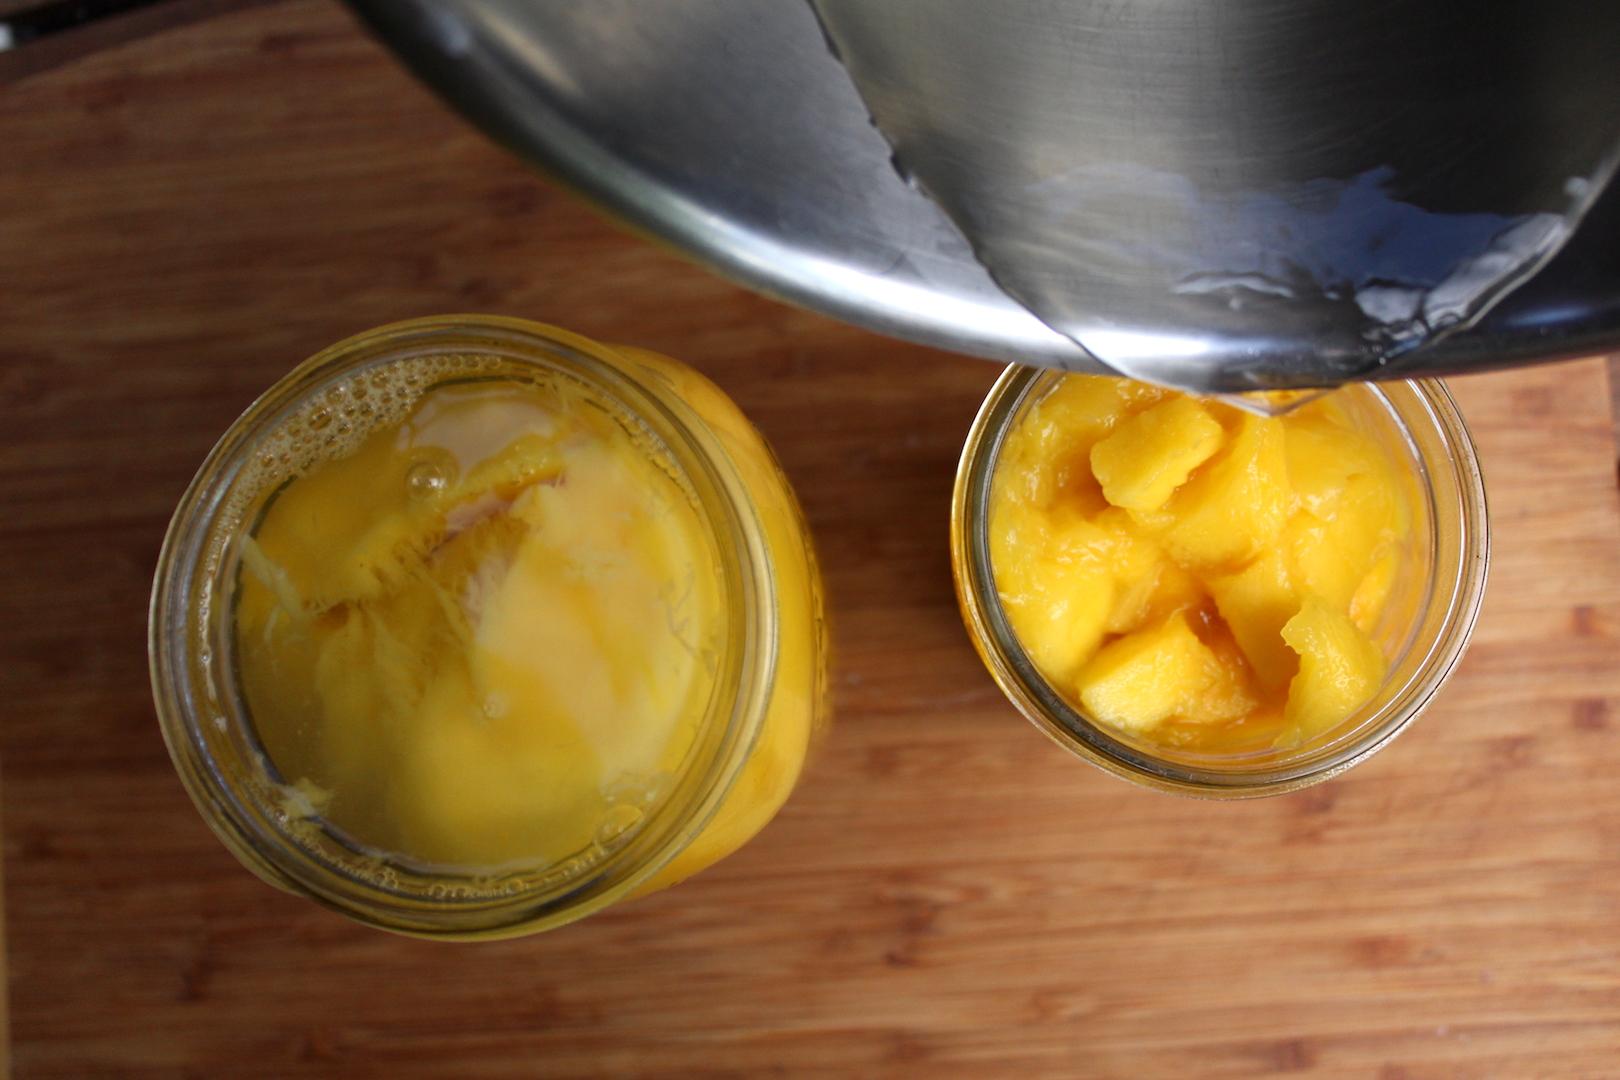 Adding Syrup to Mango